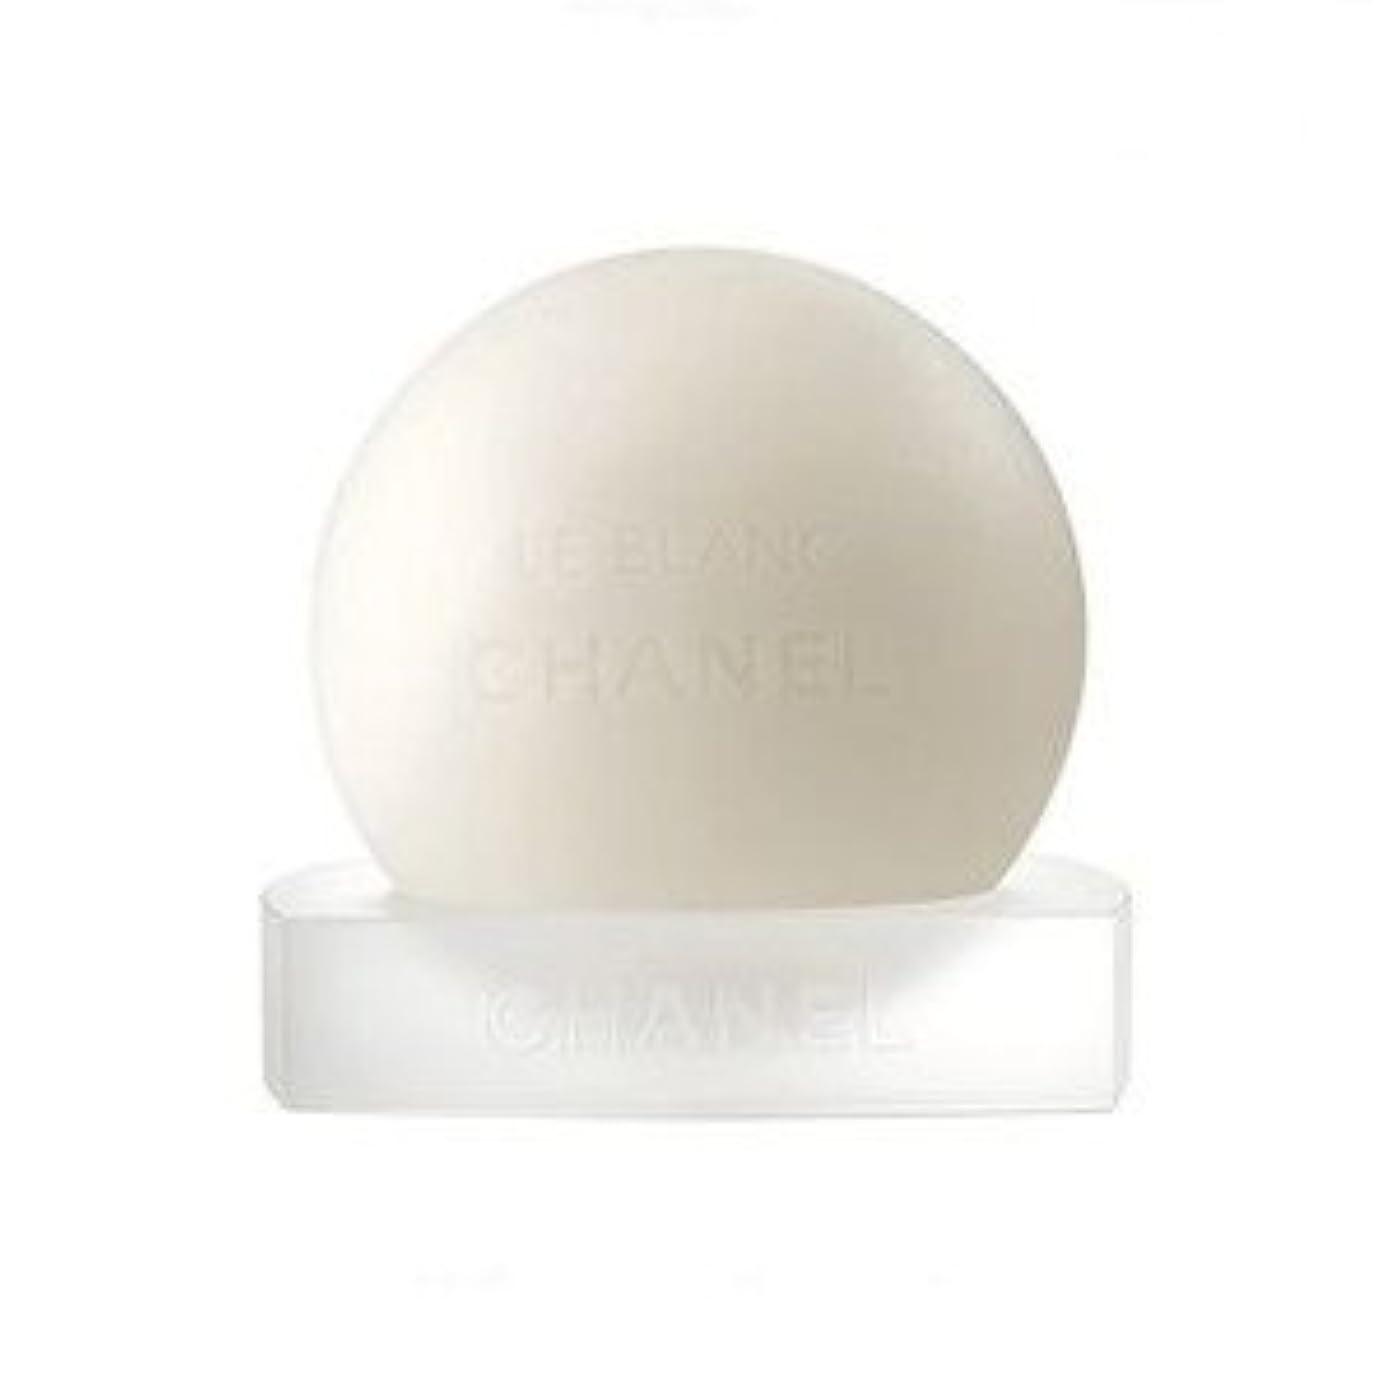 複雑な真夜中ホステルシャネル ル ブラン ソープ 100g 洗顔石けん 限定品 アウトレット